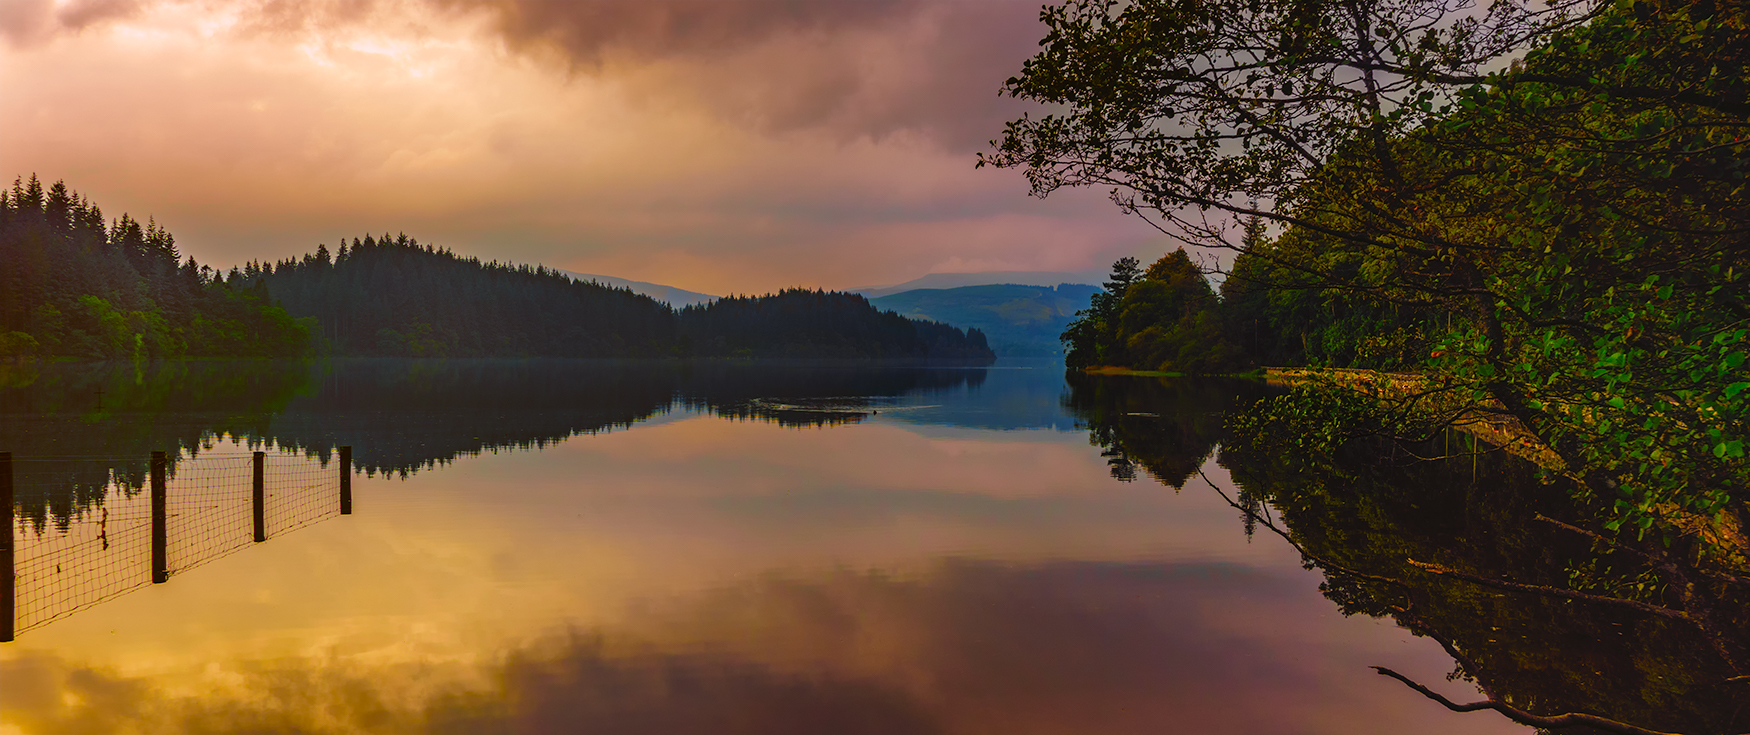 Loch Chon, Scotland, United Kingdom